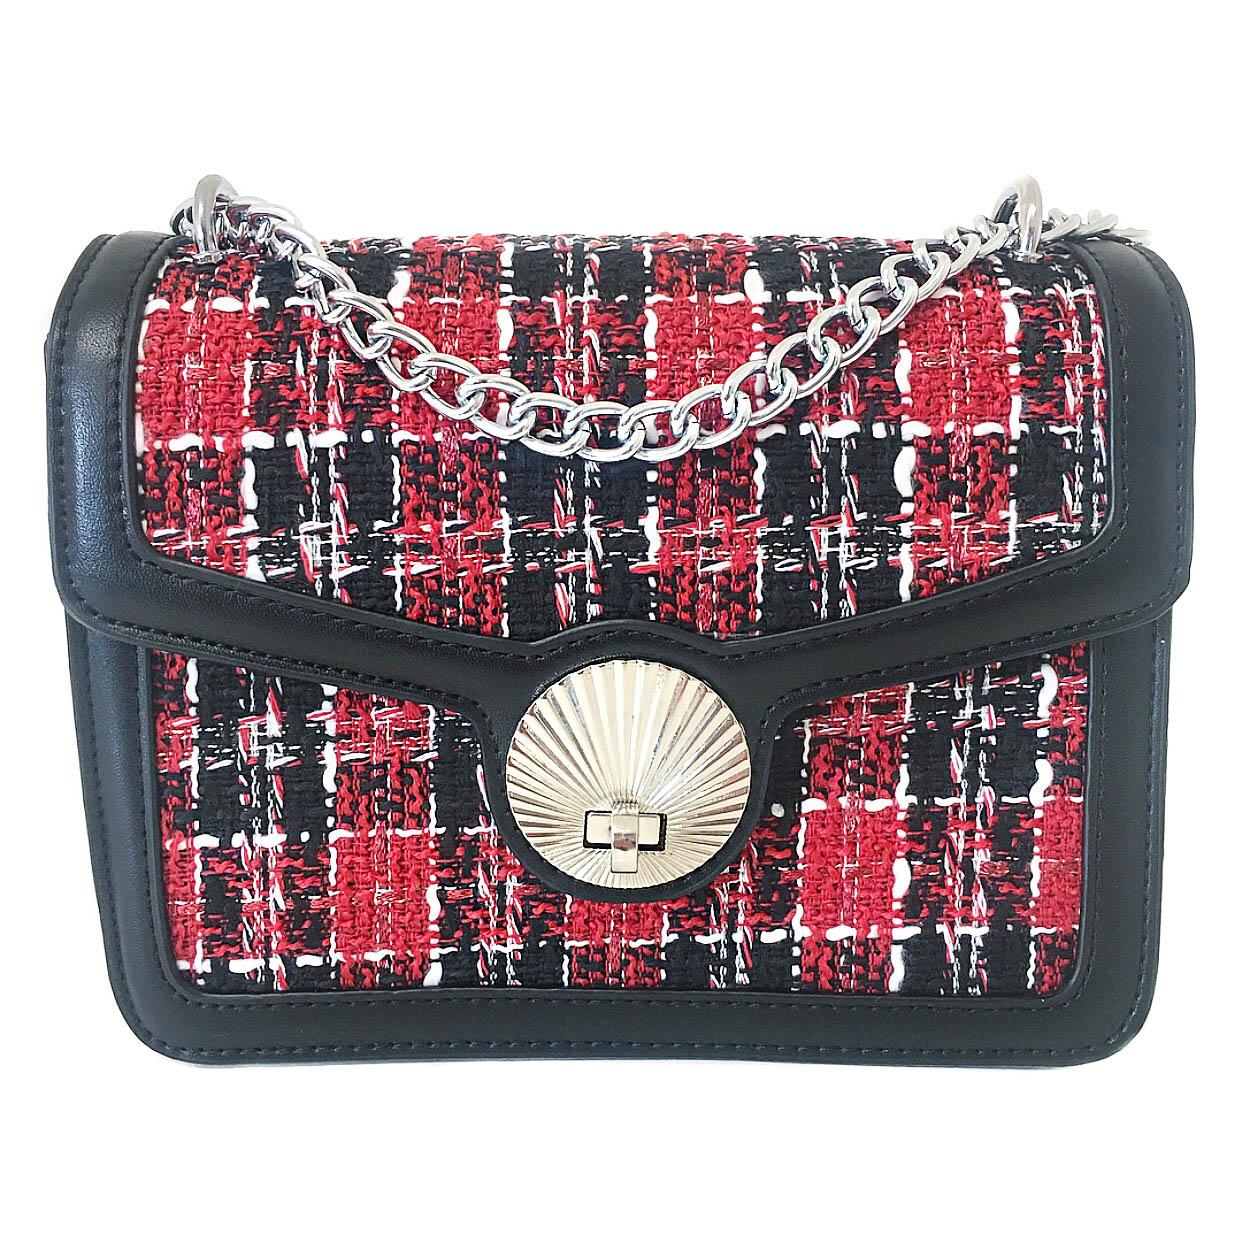 Quinn bag (£31.96)